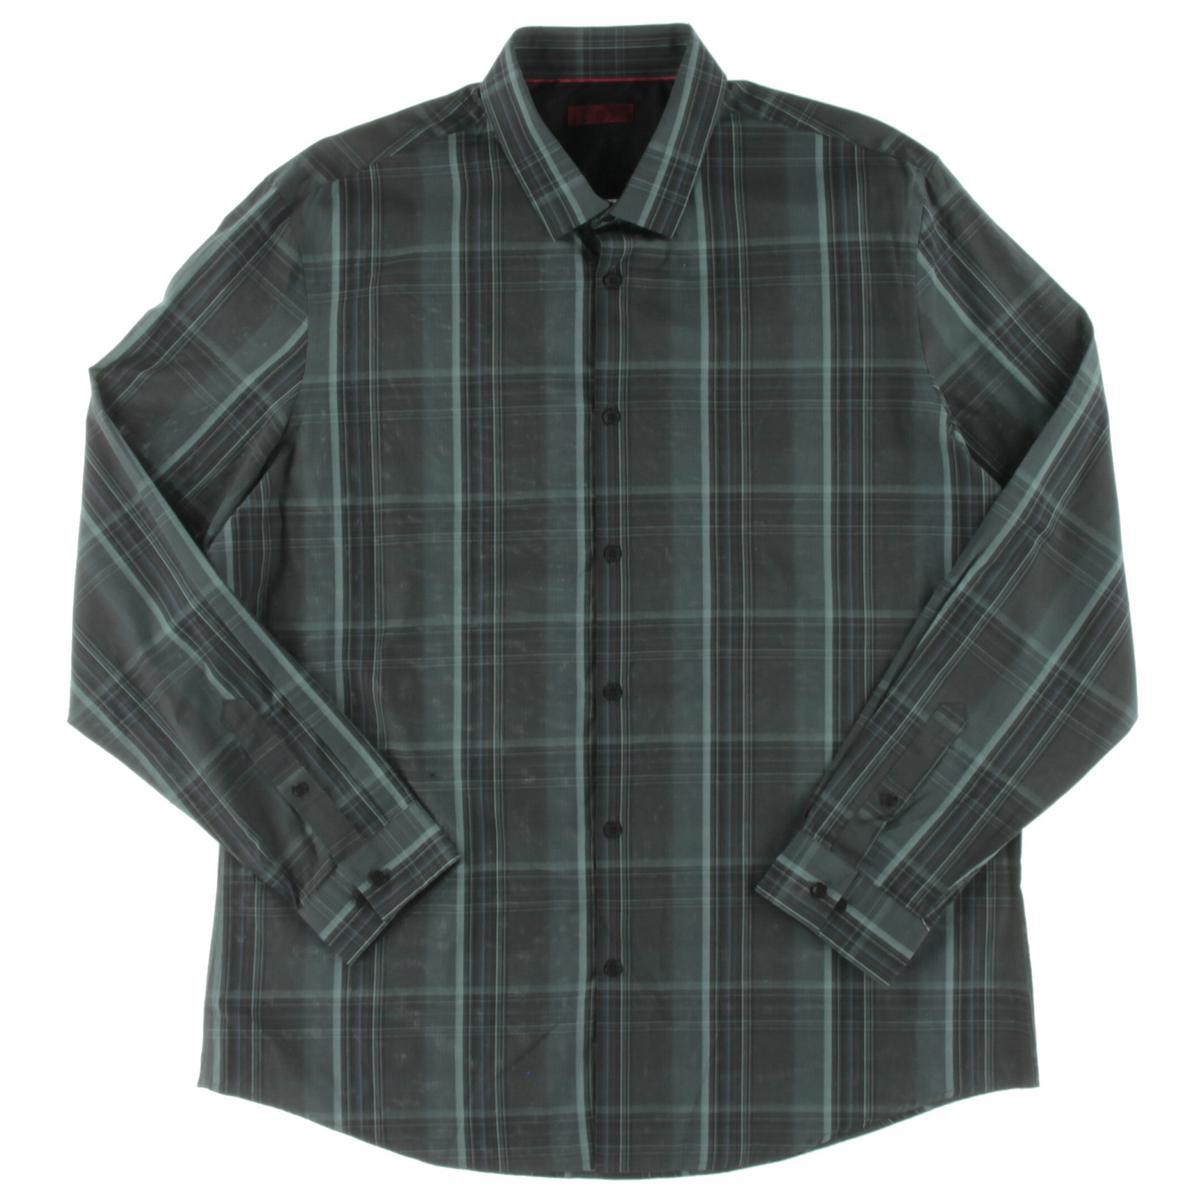 Alfani 0142 Mens Black Slim Fit Cotton Plaid Button Down